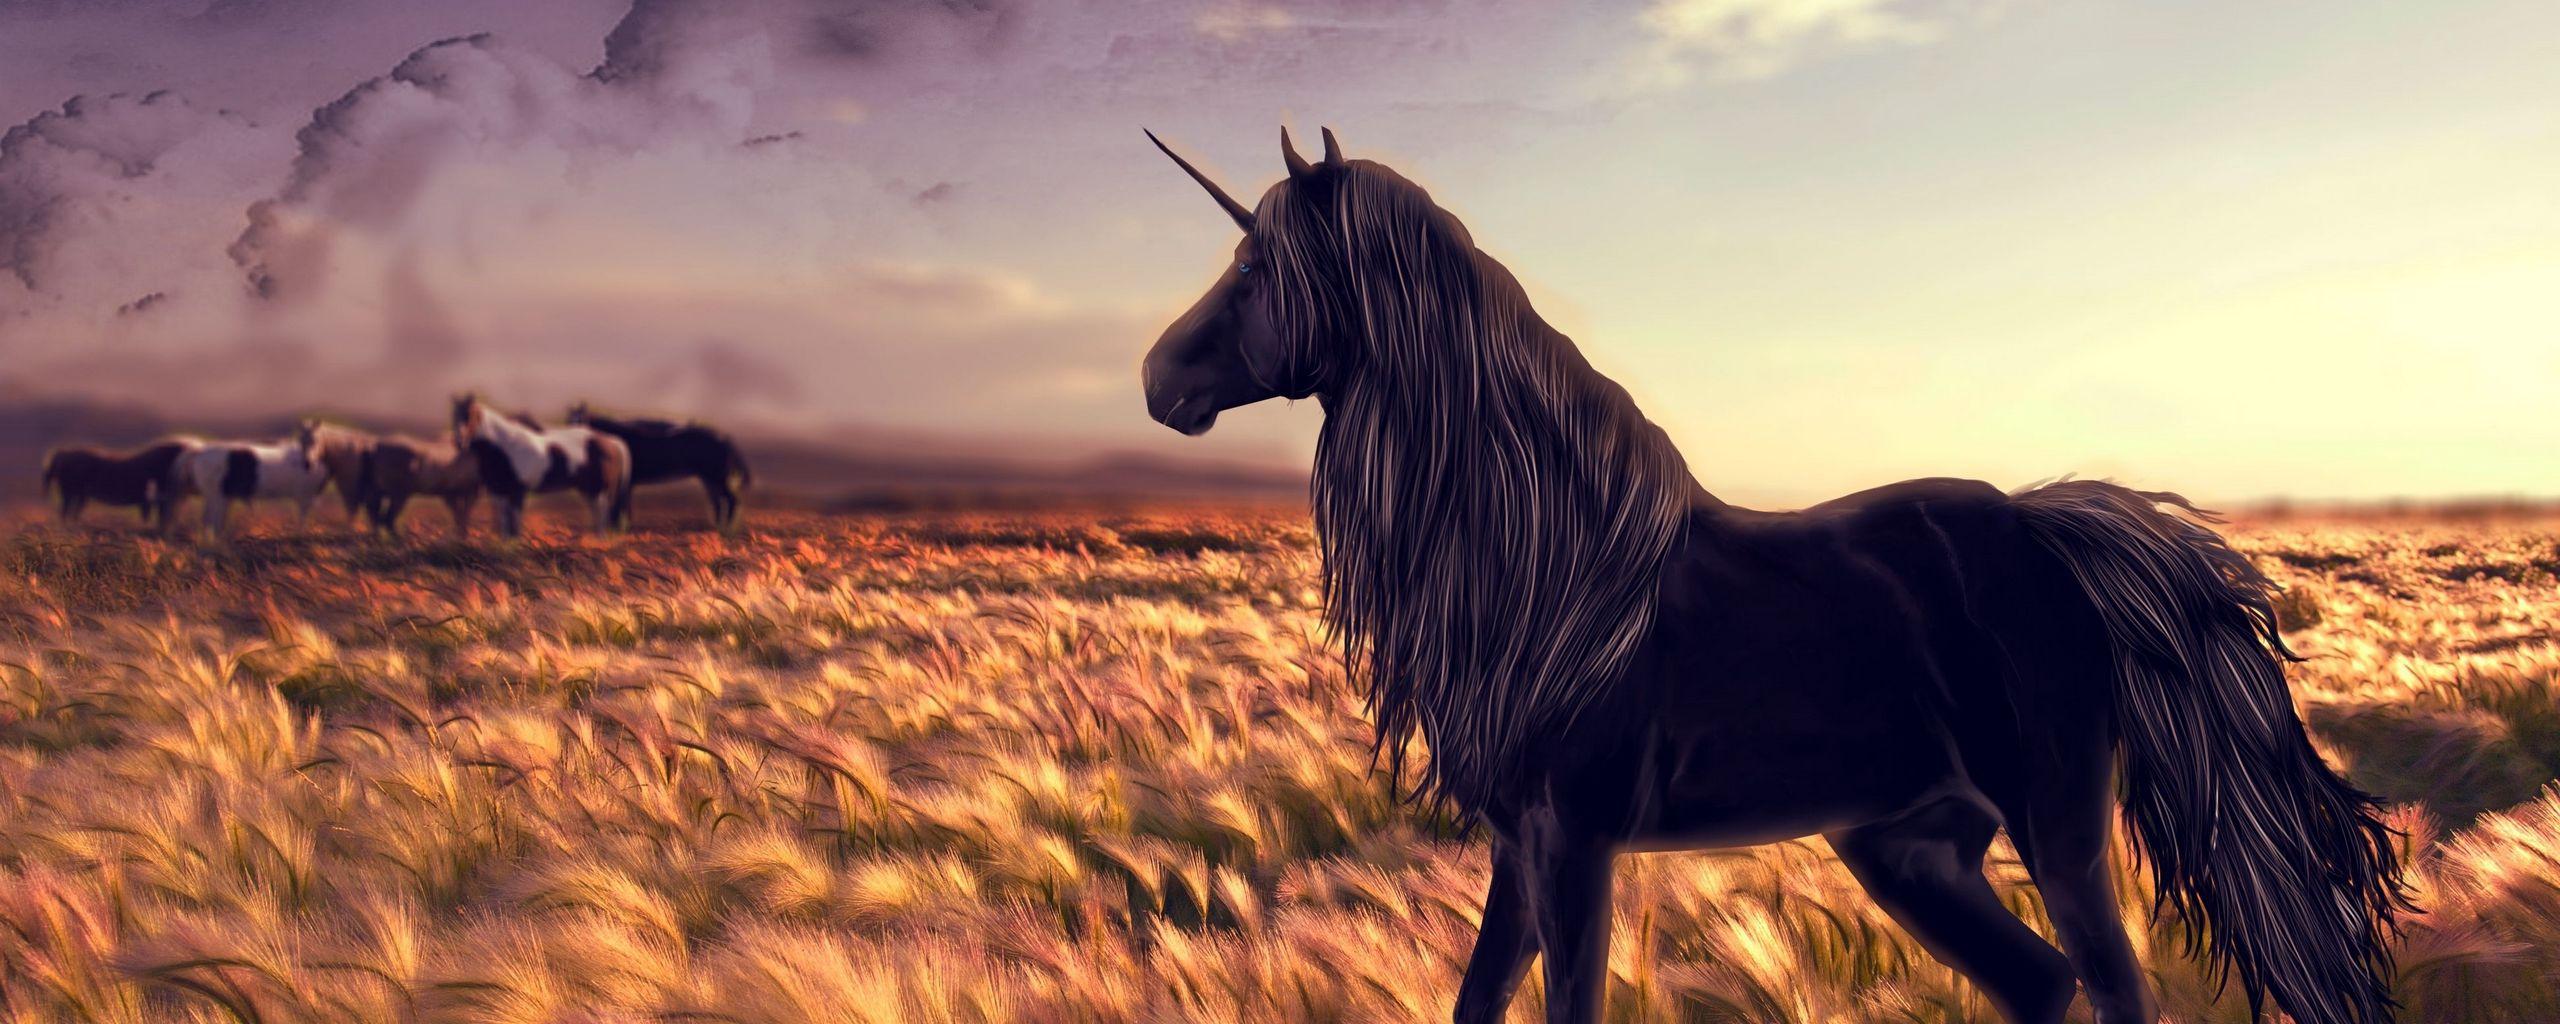 2560x1024 Wallpaper horse, unicorn, golf, art, grass, wind